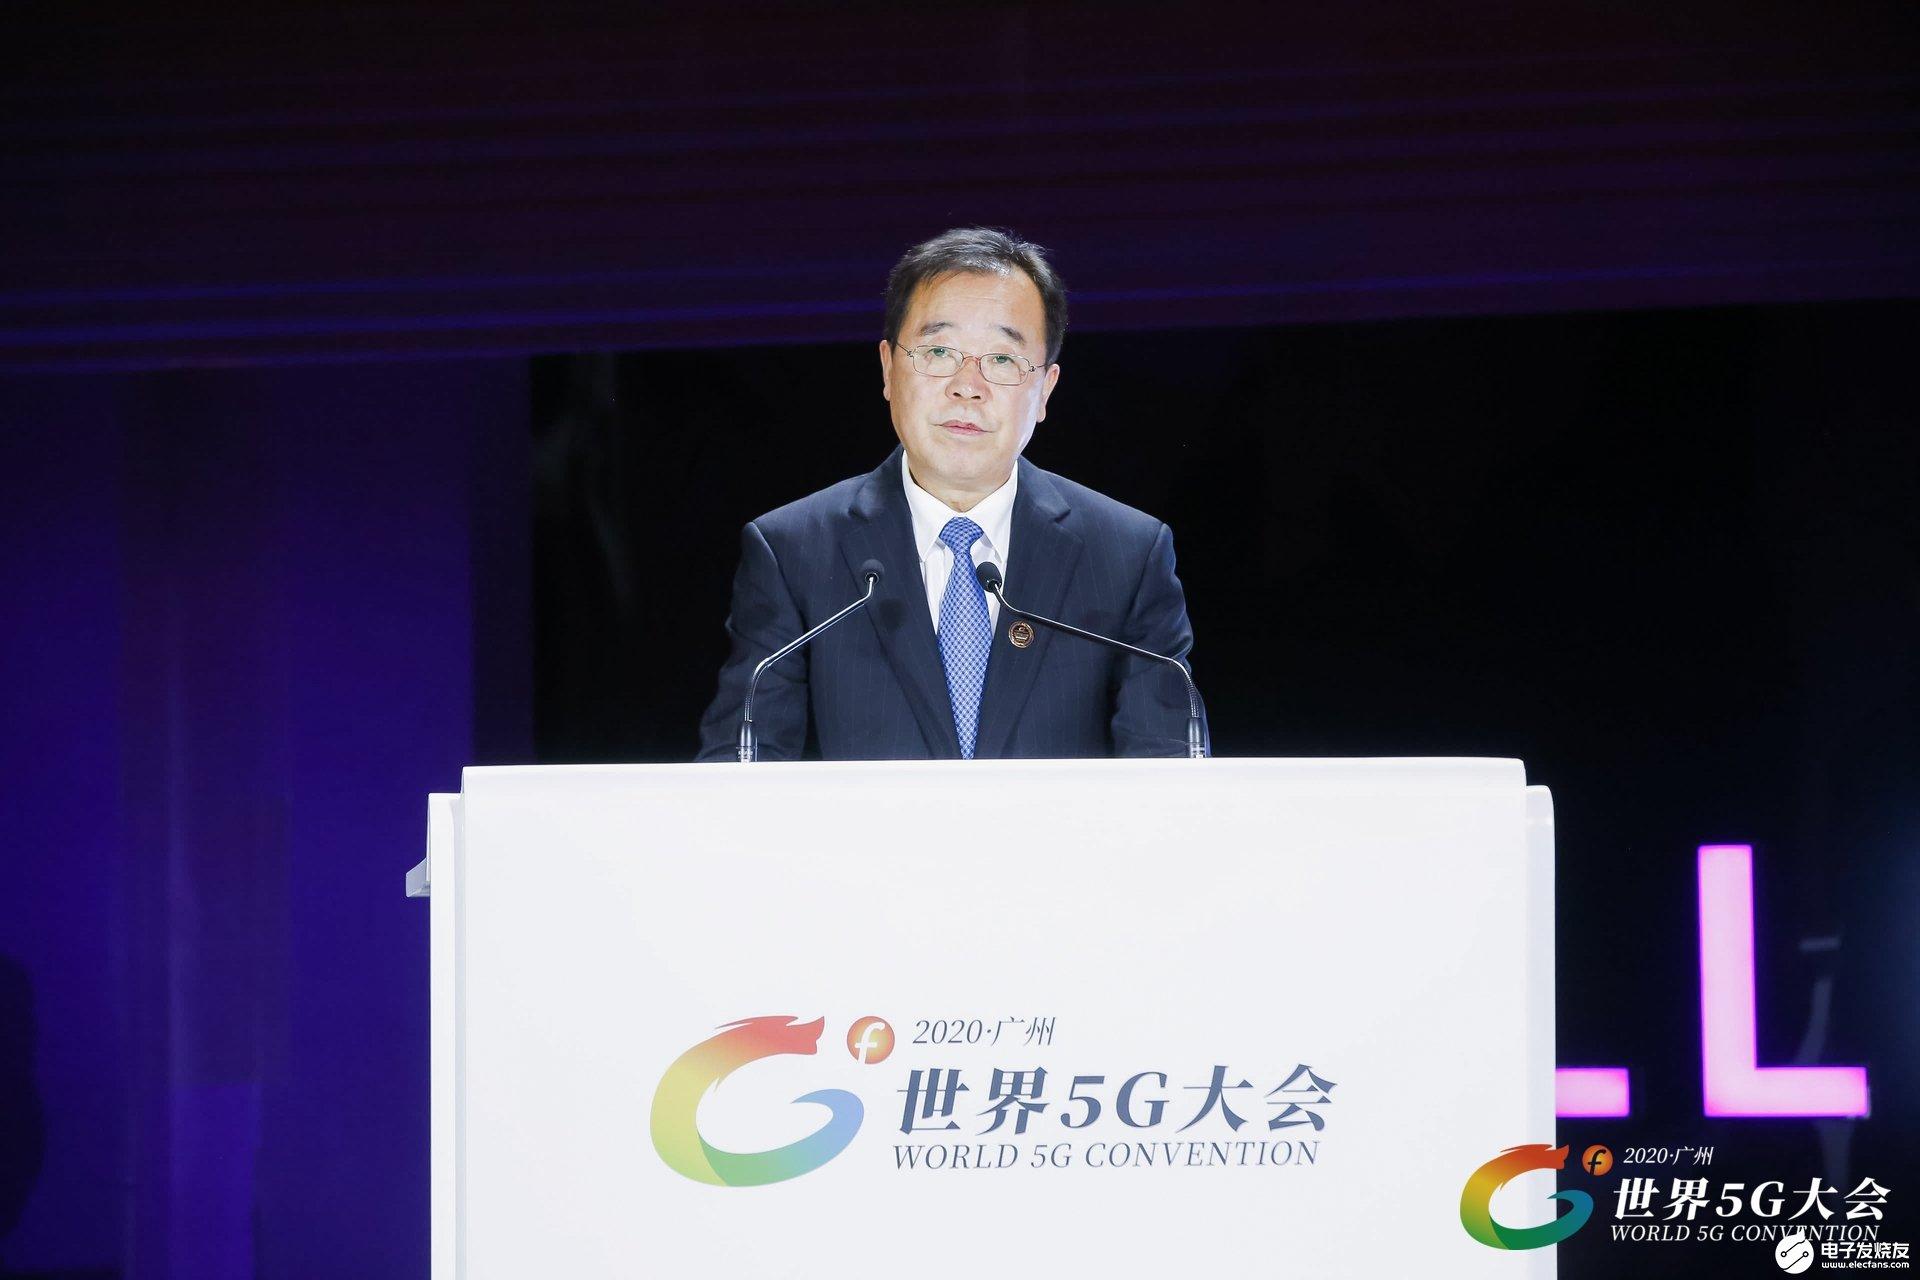 中国铁塔实现多快省的建设5G基础设施,承建5G基站项目超70万个